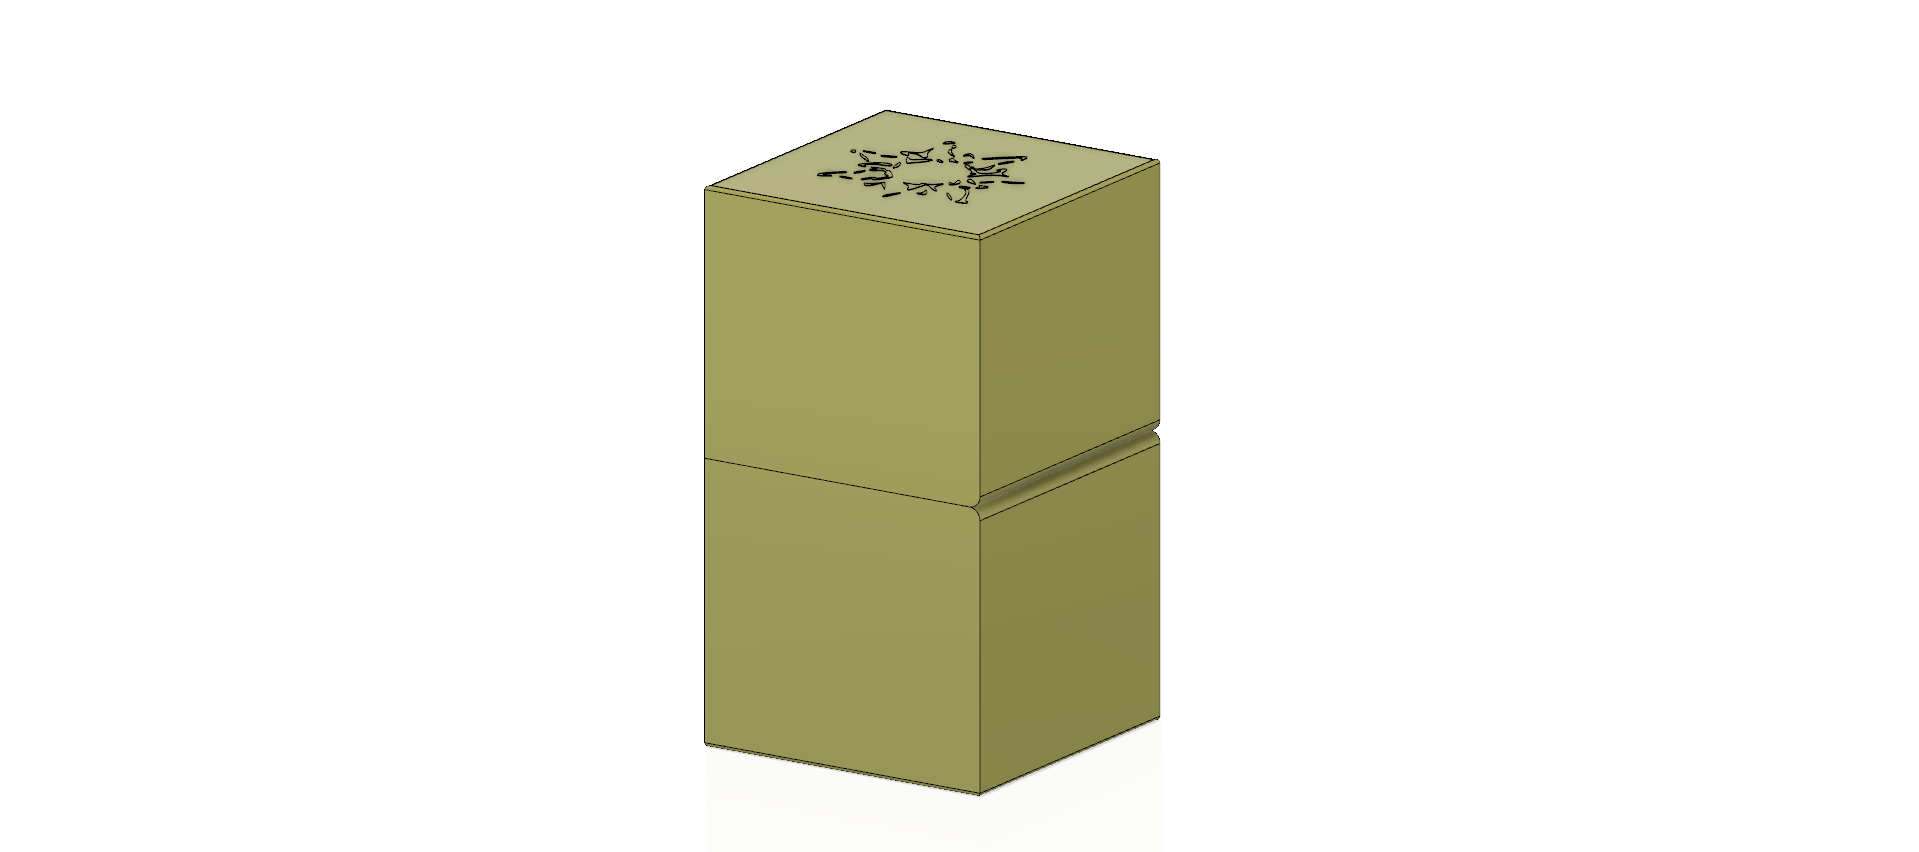 cube-02-a1 v1-03.png Descargar archivo OBJ Caja de regalo Caja secreta pequeña caja secreta Modelo de impresión en 3D • Modelo para imprimir en 3D, Dzusto